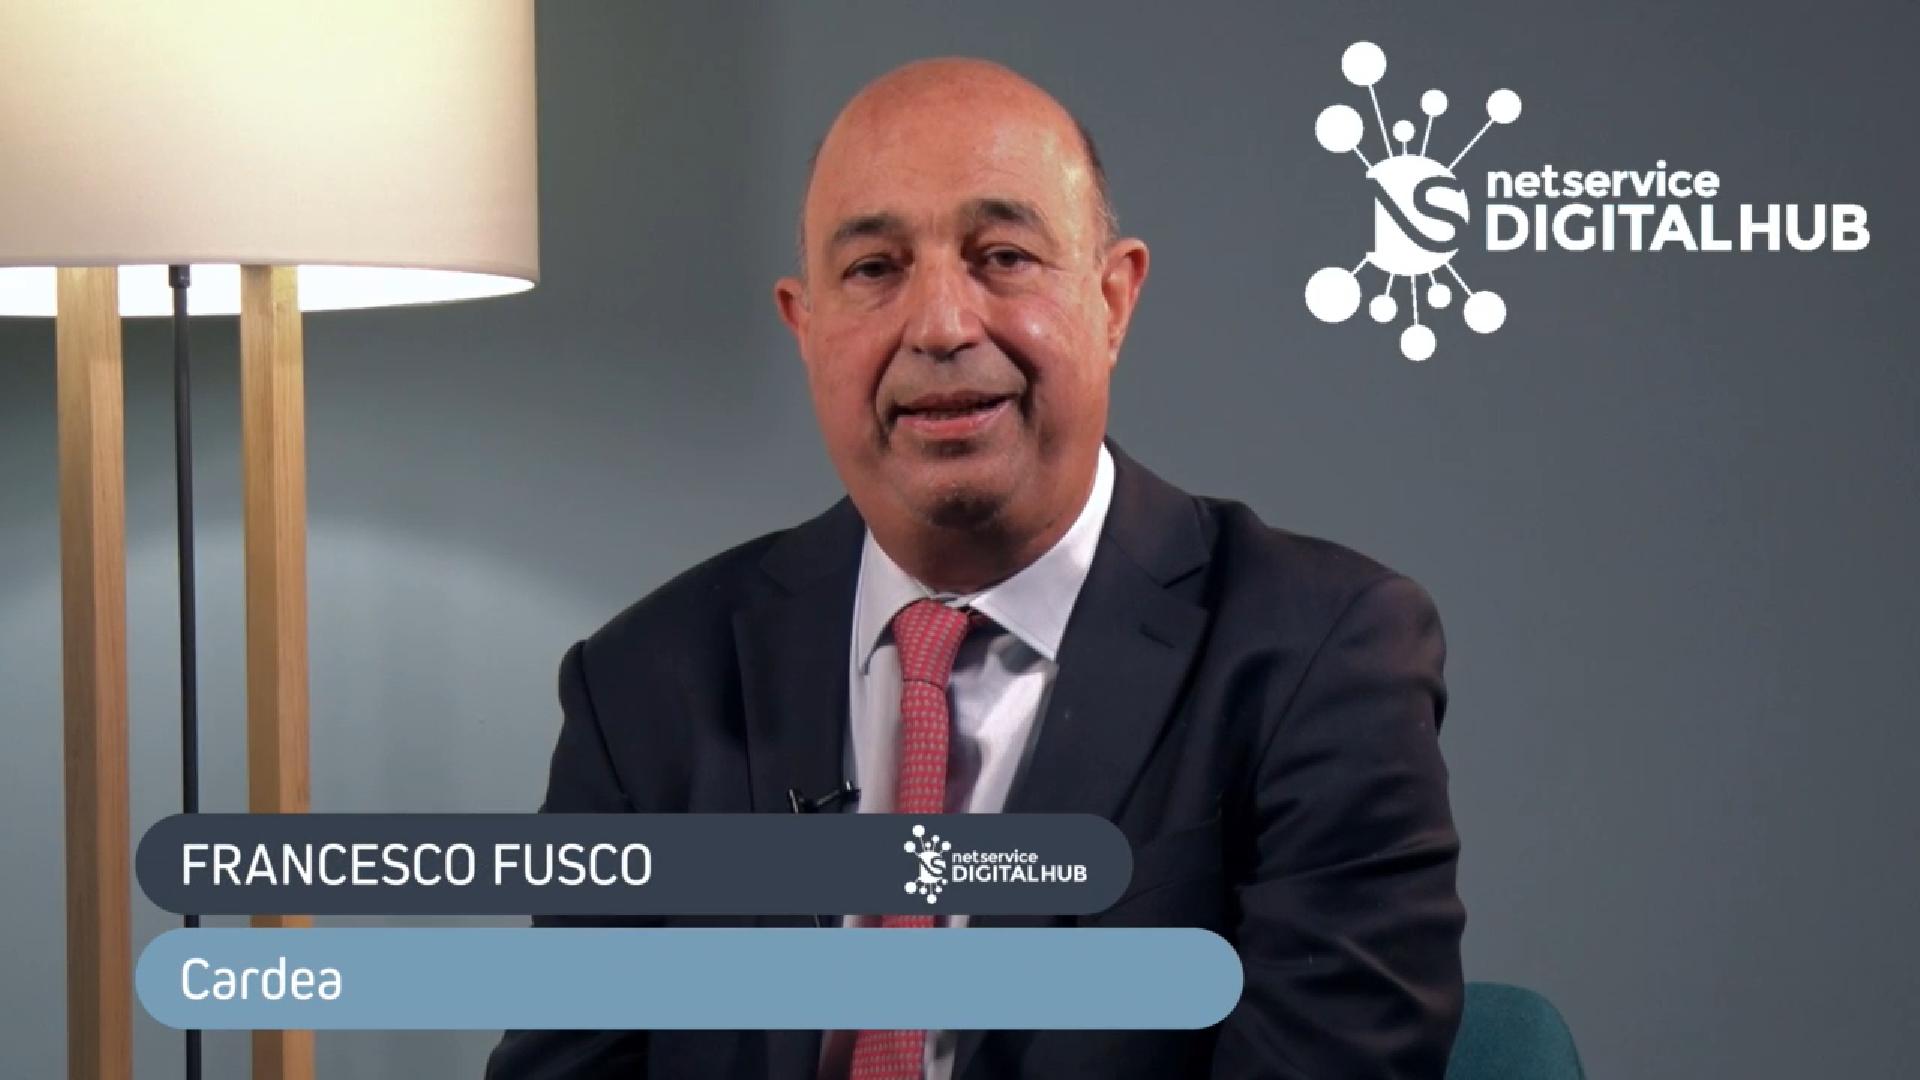 Intrevista a Francesco Fusco